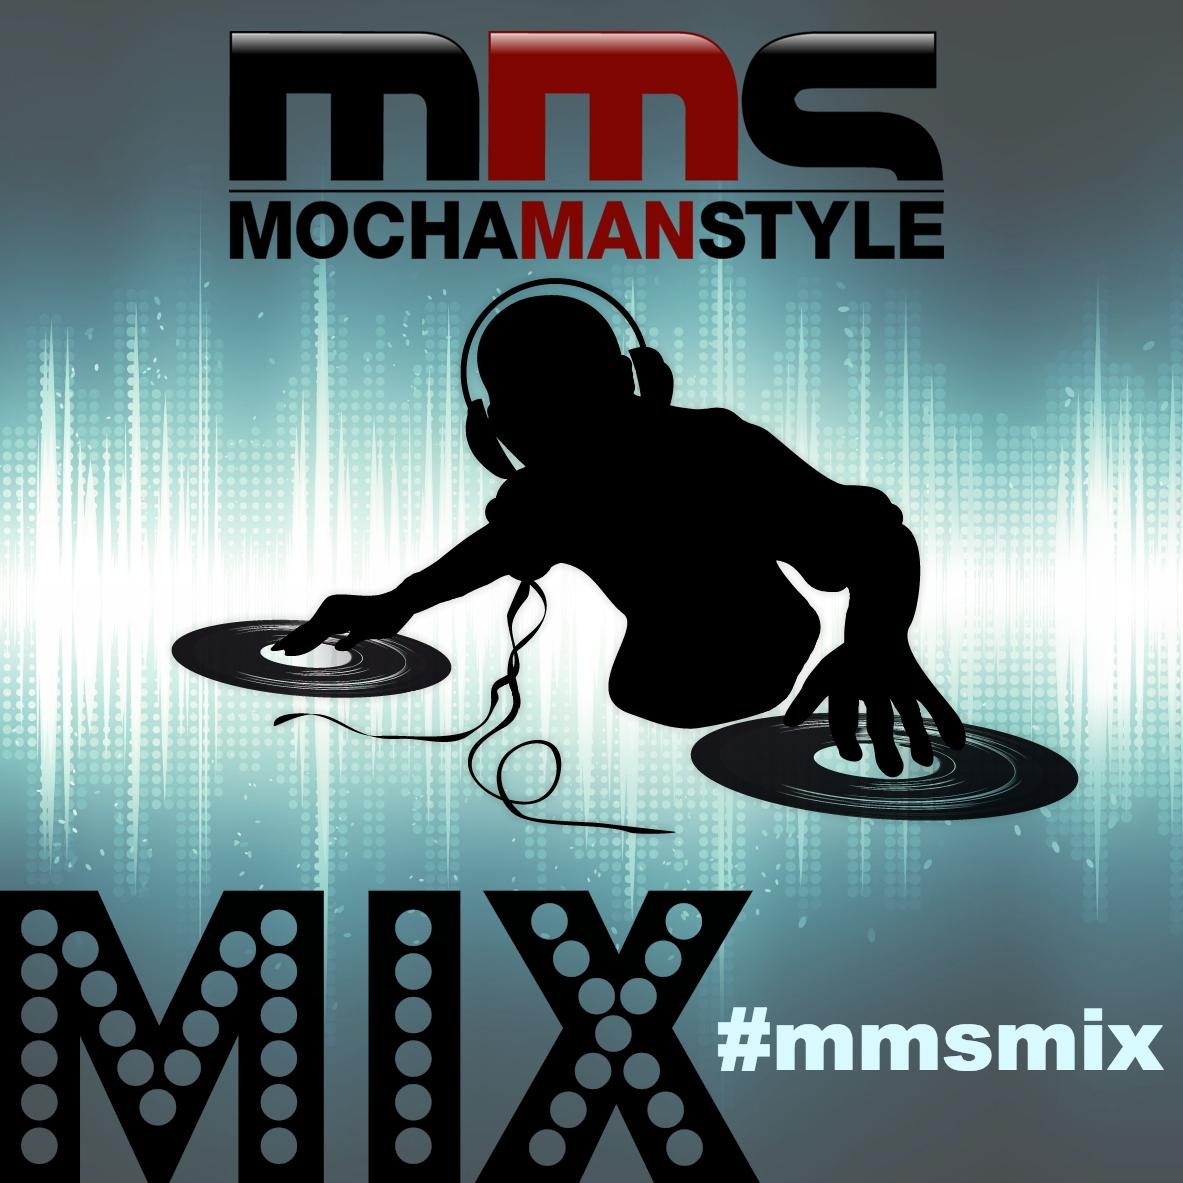 Mocha Man Style Music Mix Playlist (4-25-14) #MMSMIX